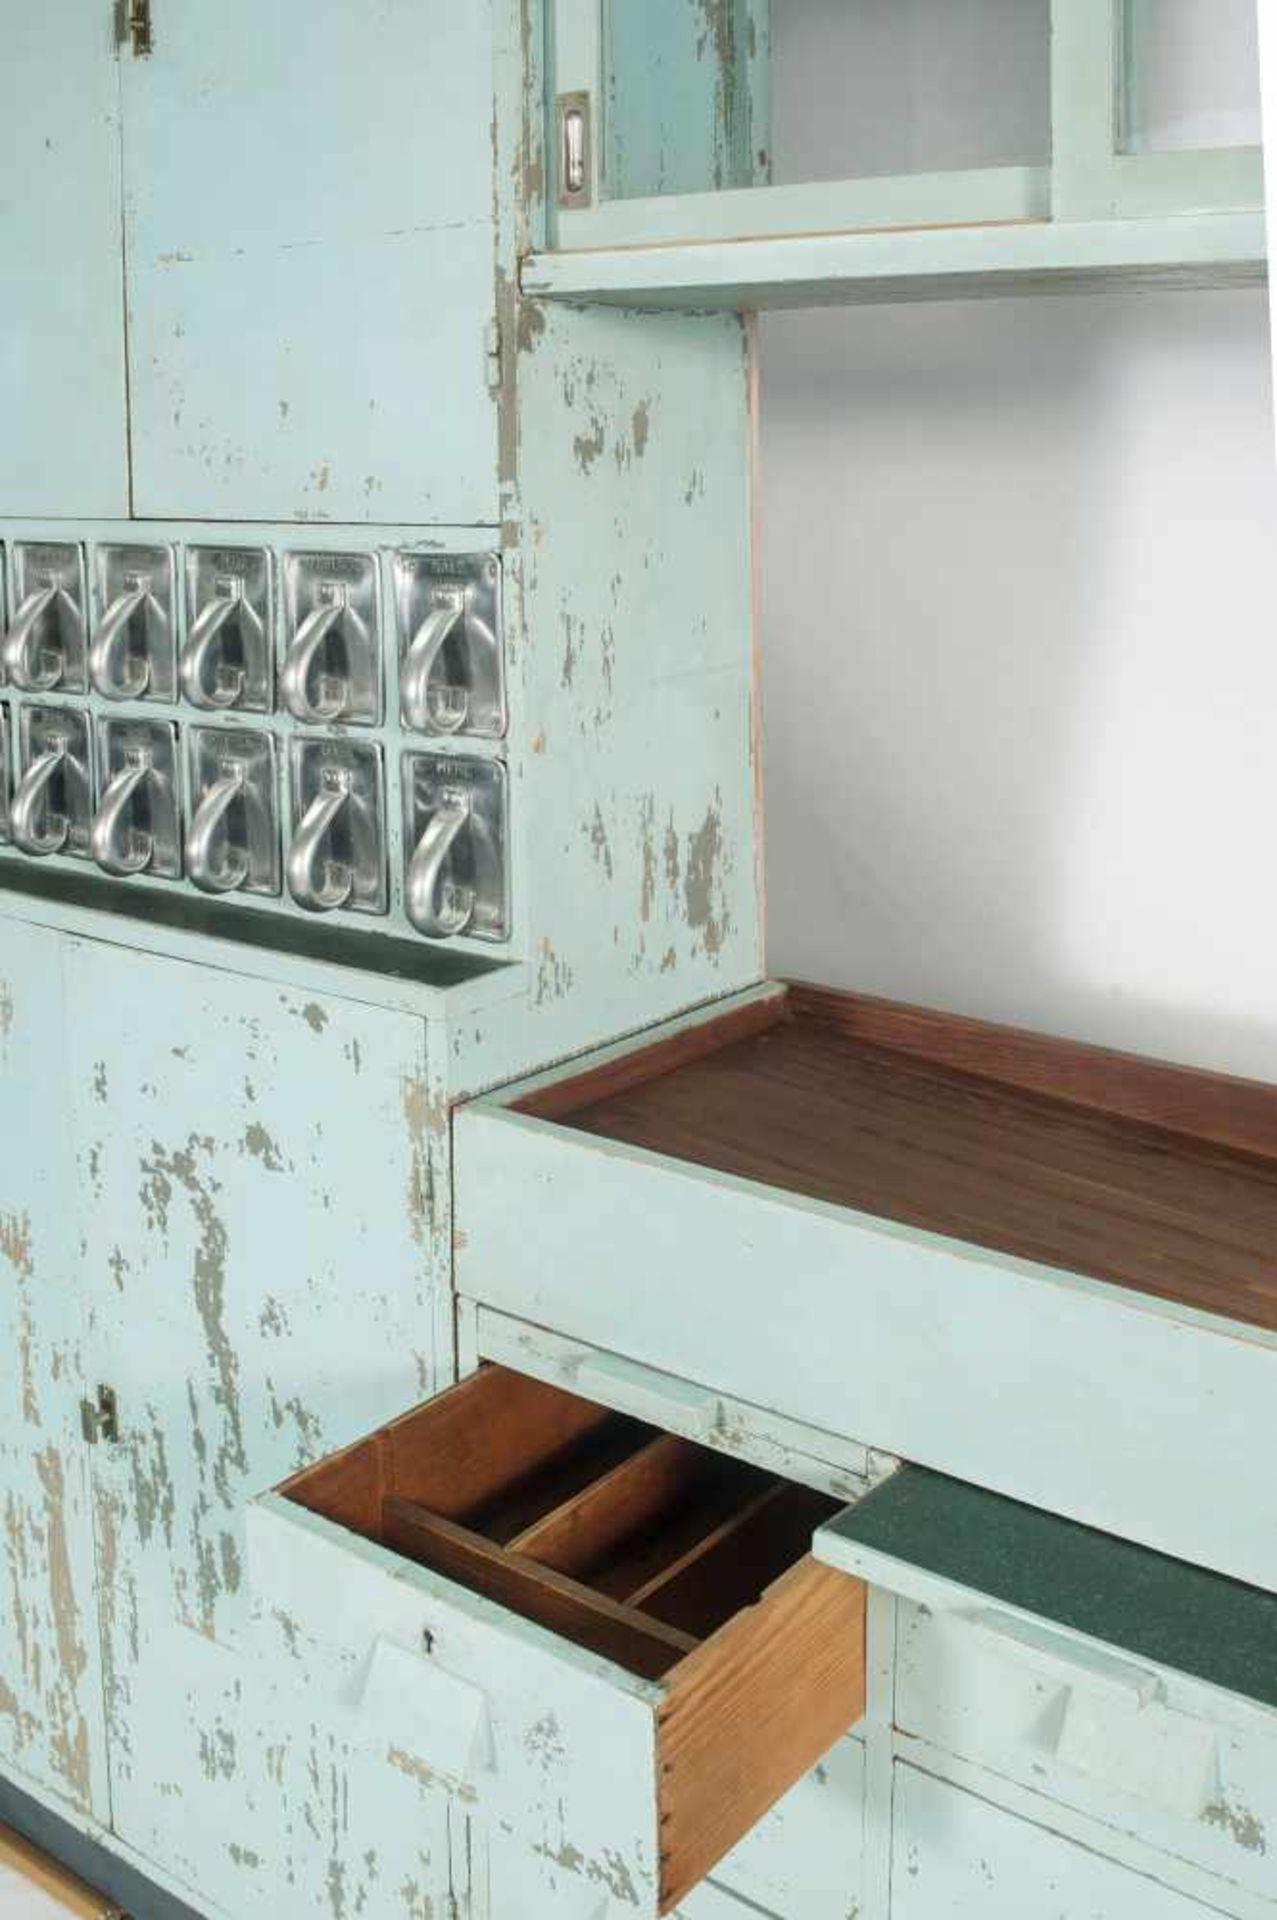 Margarete Schütte-Lihotzky'Frankfurter Küche' aus der Ernst-May Siedlung, Frankfurt Niederrad, - Bild 14 aus 20